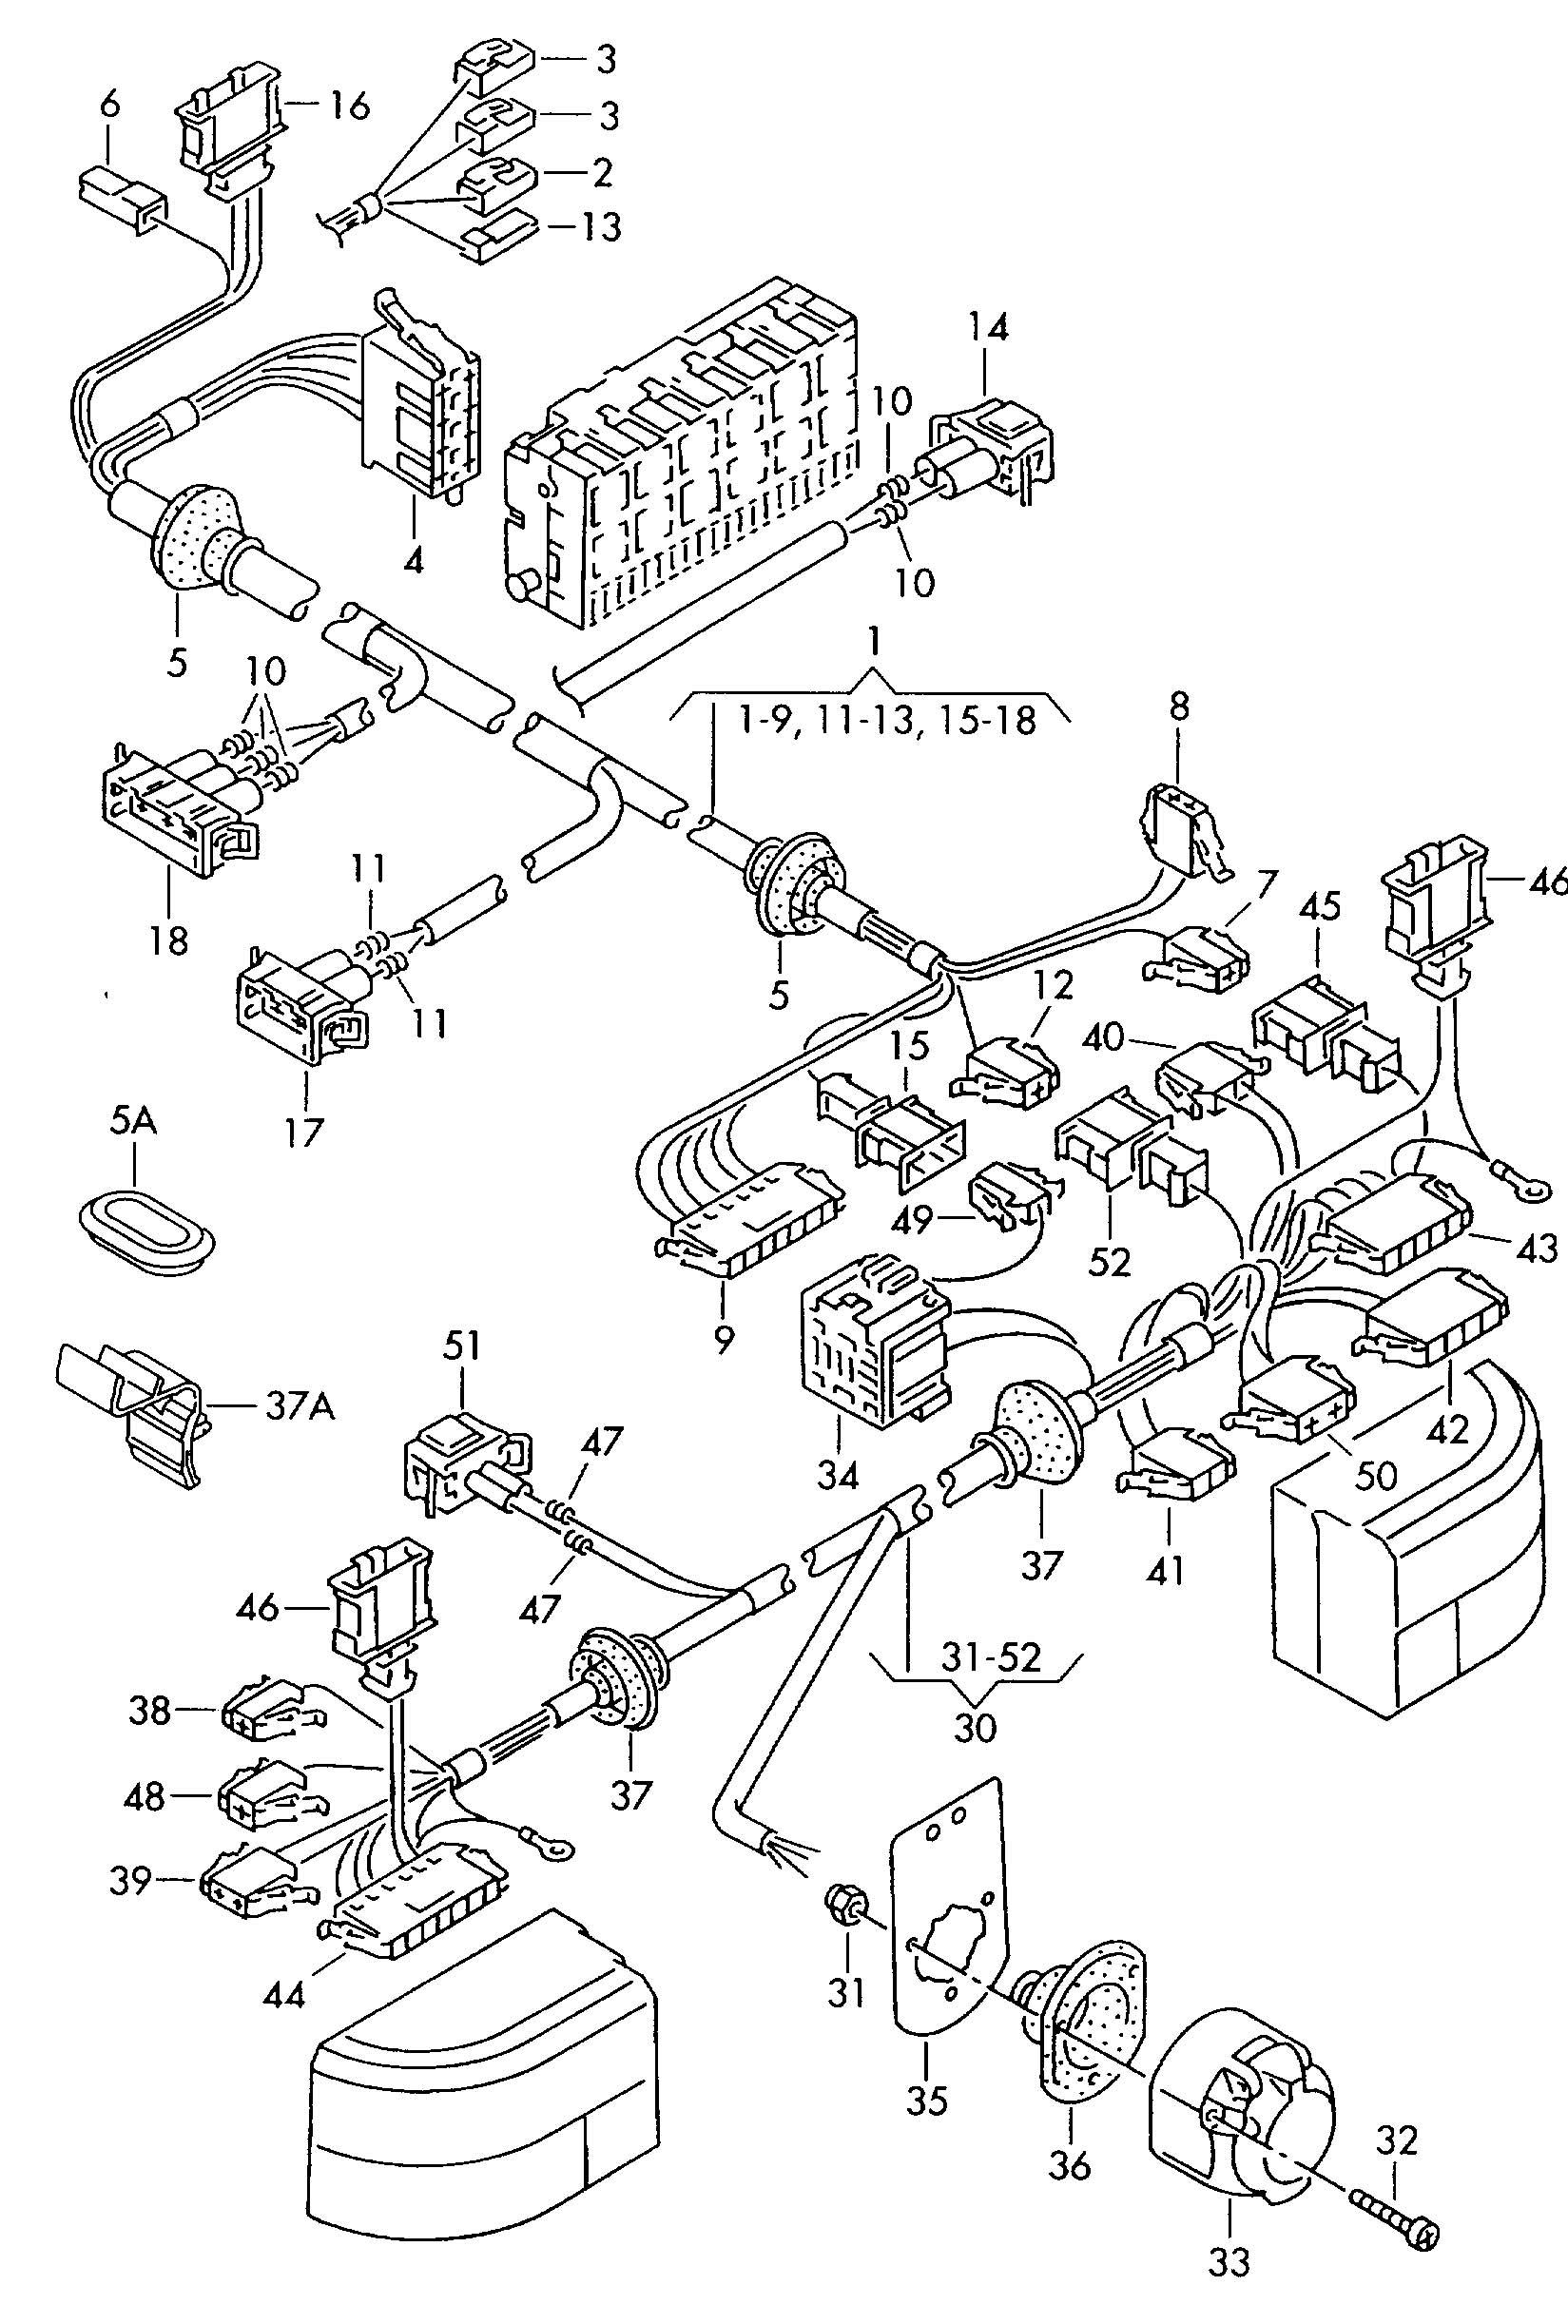 1999 Volkswagen Eurovan Housing  Harnessrear  Immobilizer